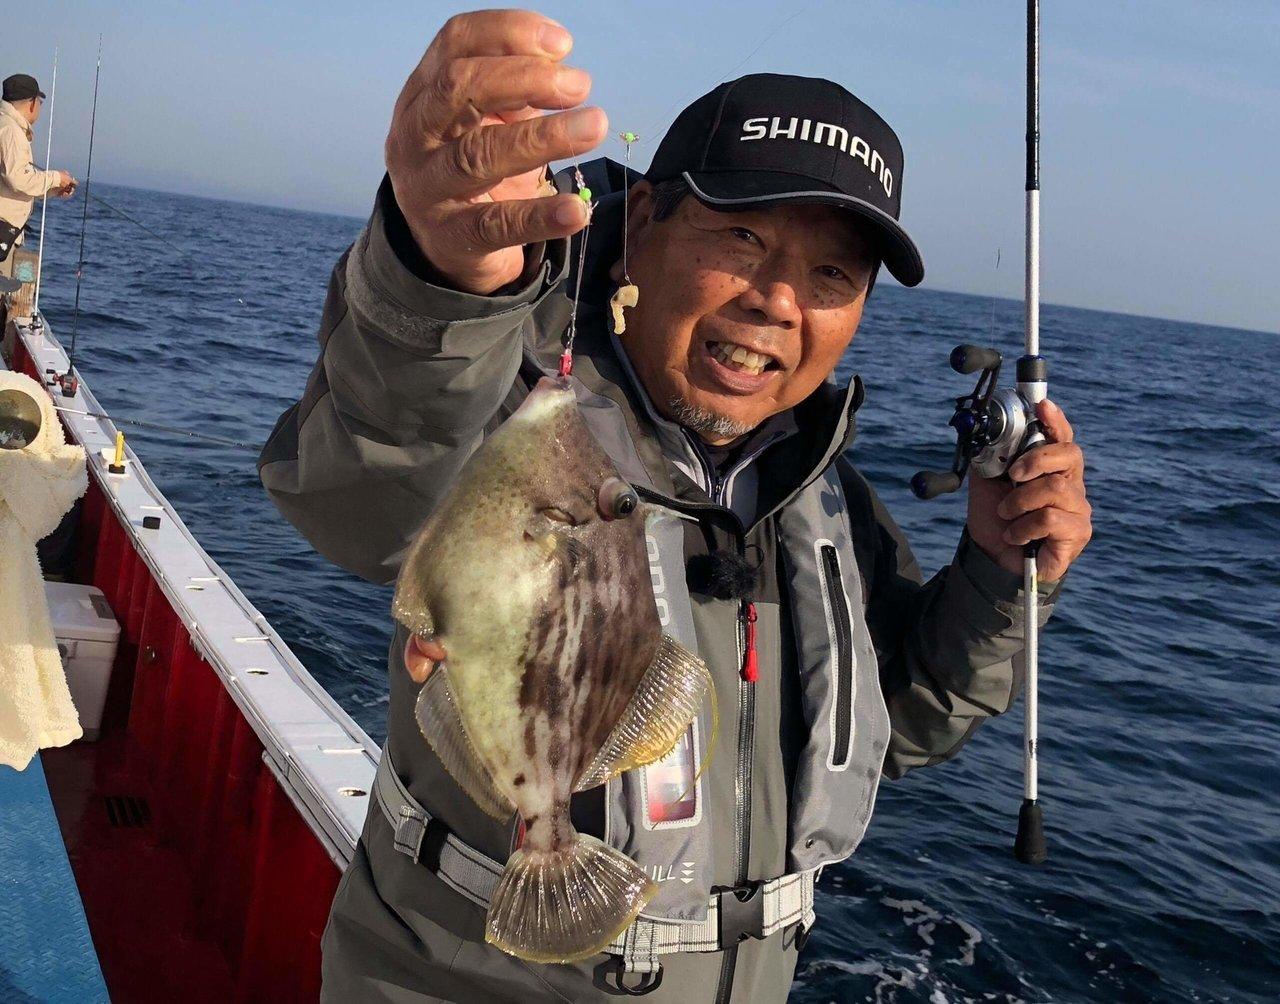 夏カワハギは数が狙える人気の釣り物!奥深い夏カワハギの釣り方やタックル、レシピを大公開!